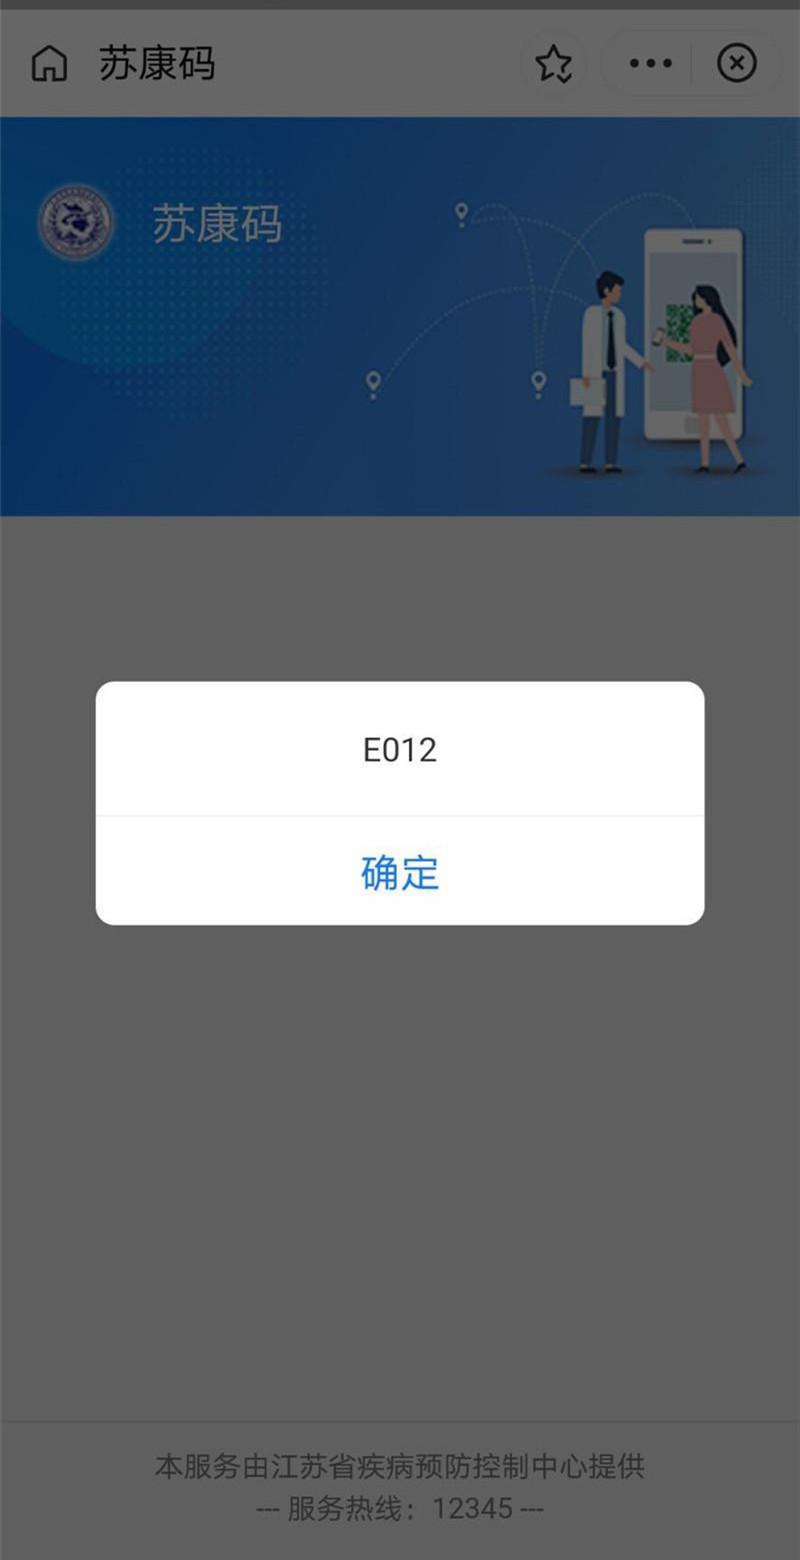 支付宝苏康码显示E012打不开怎么回事?苏康码显示E012无法打开解决方法一览[多图]